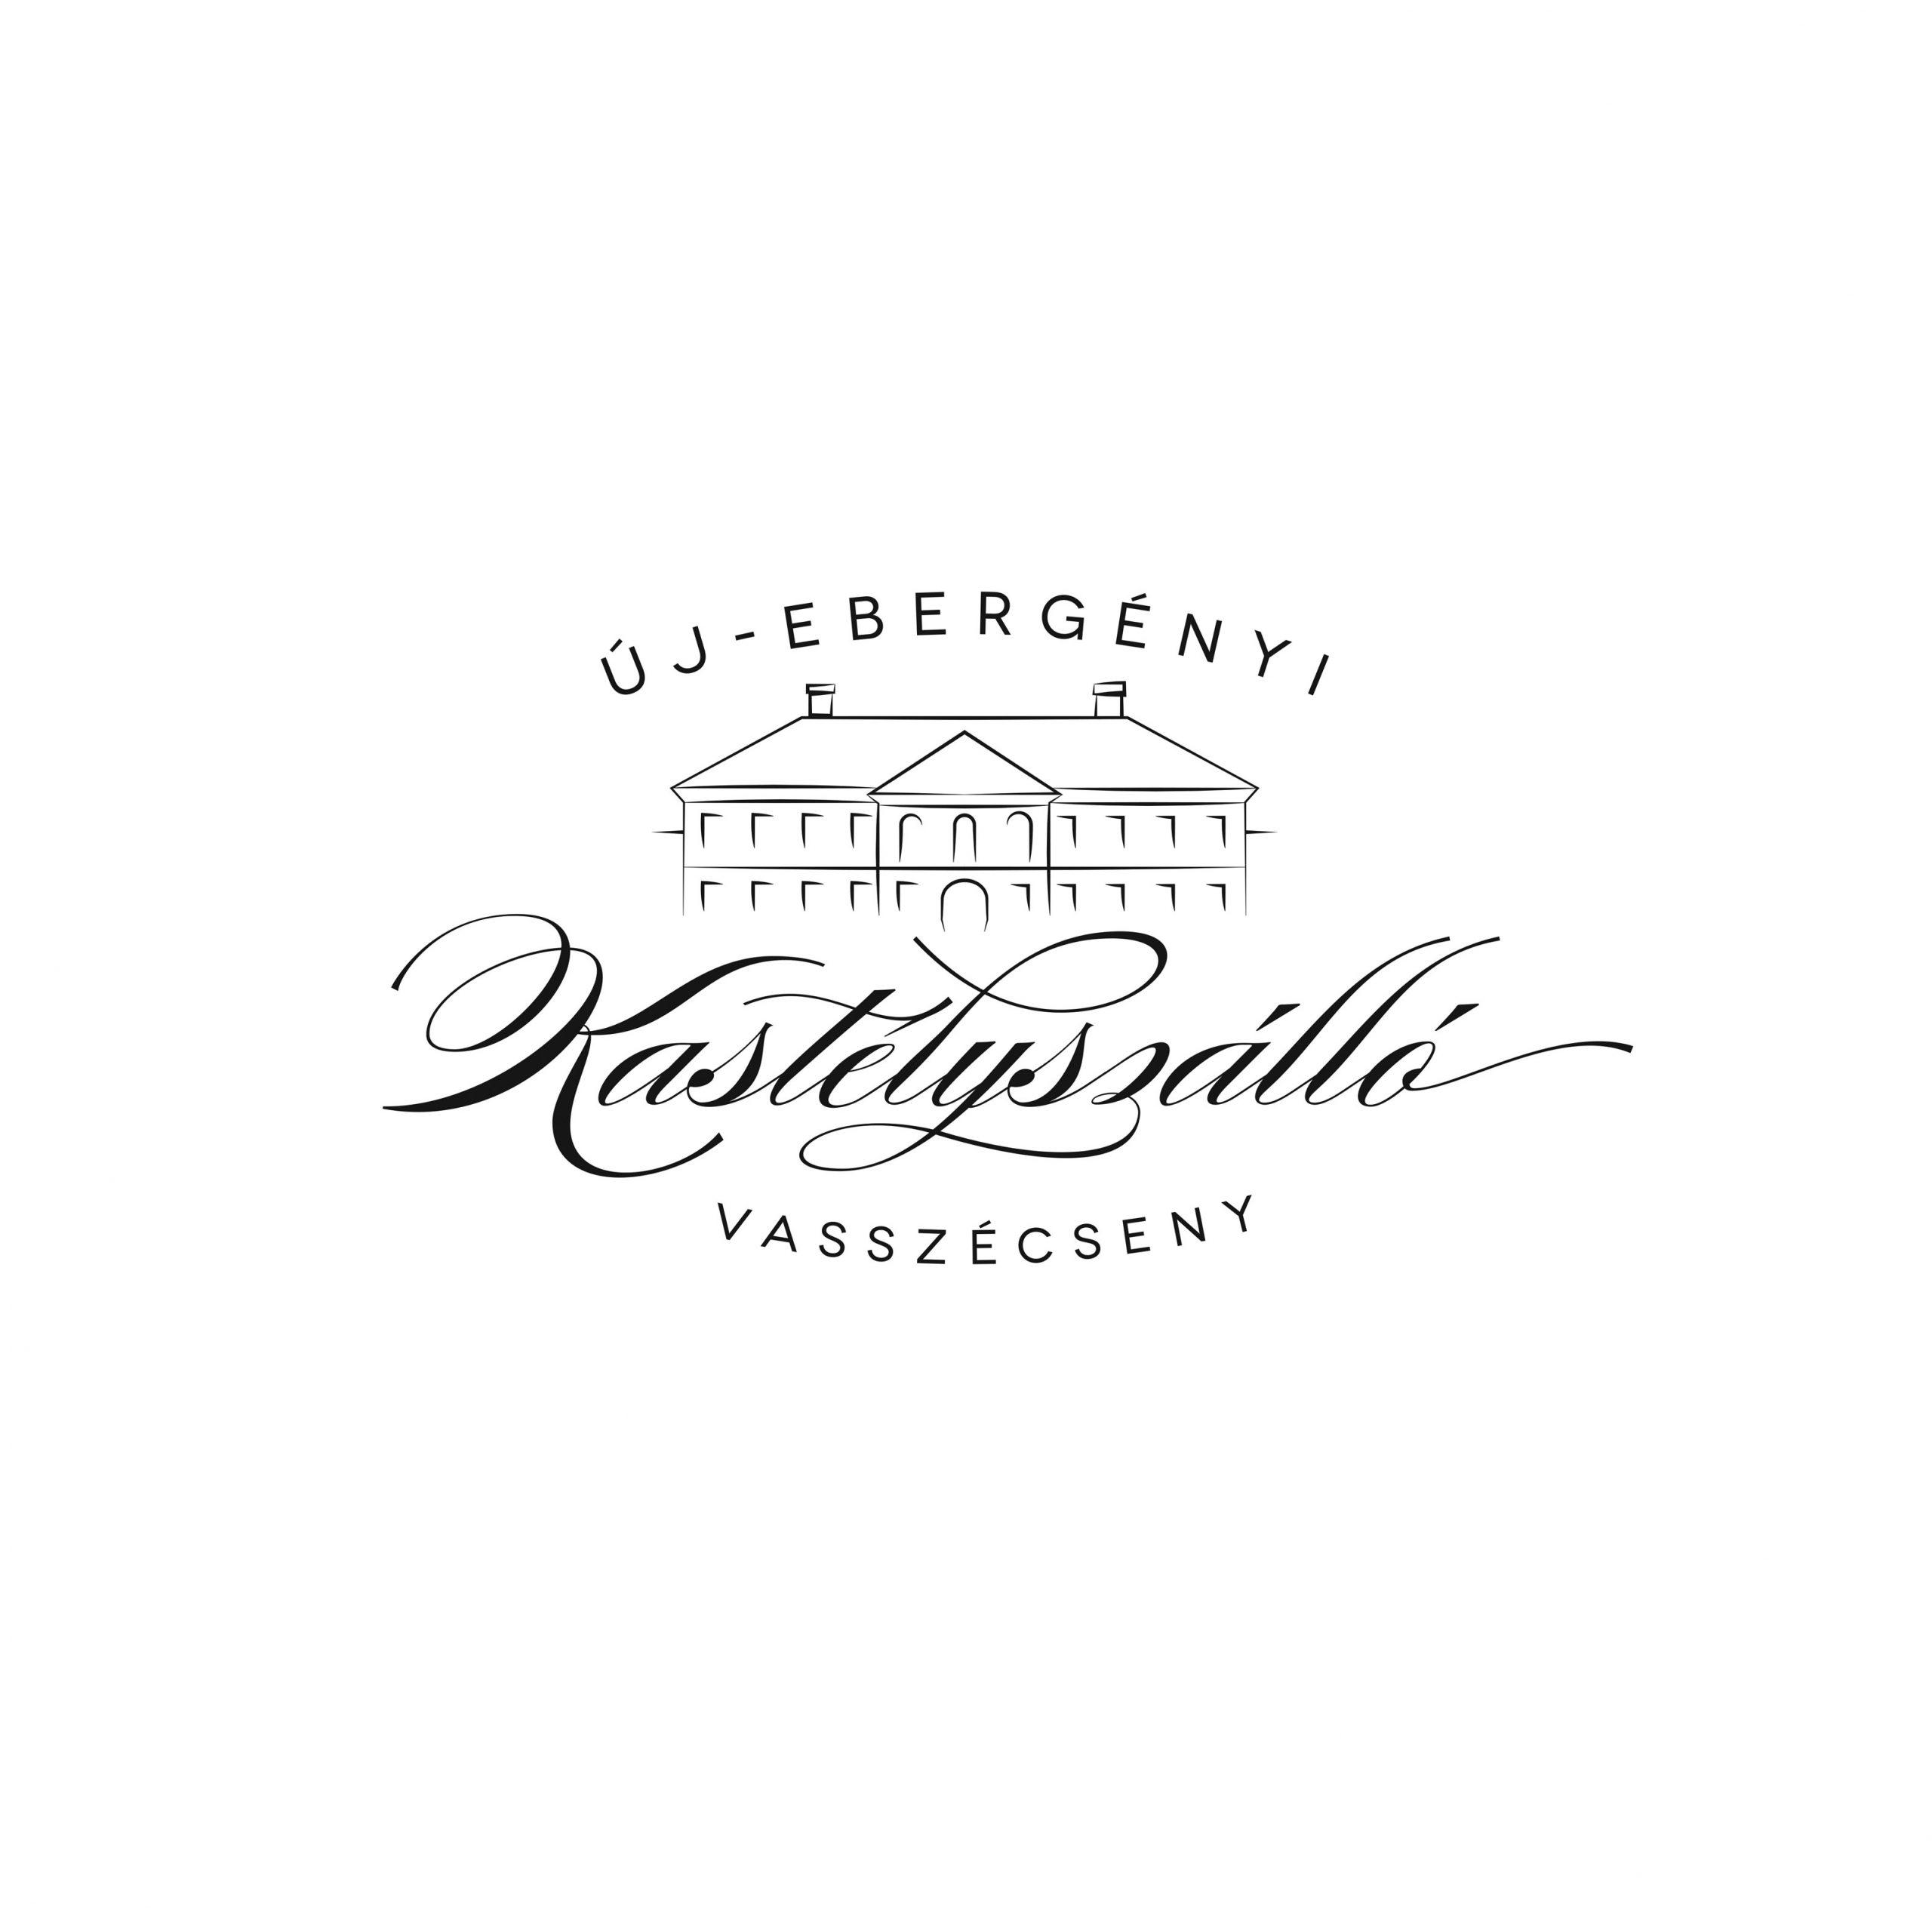 Kastélyszálló logo